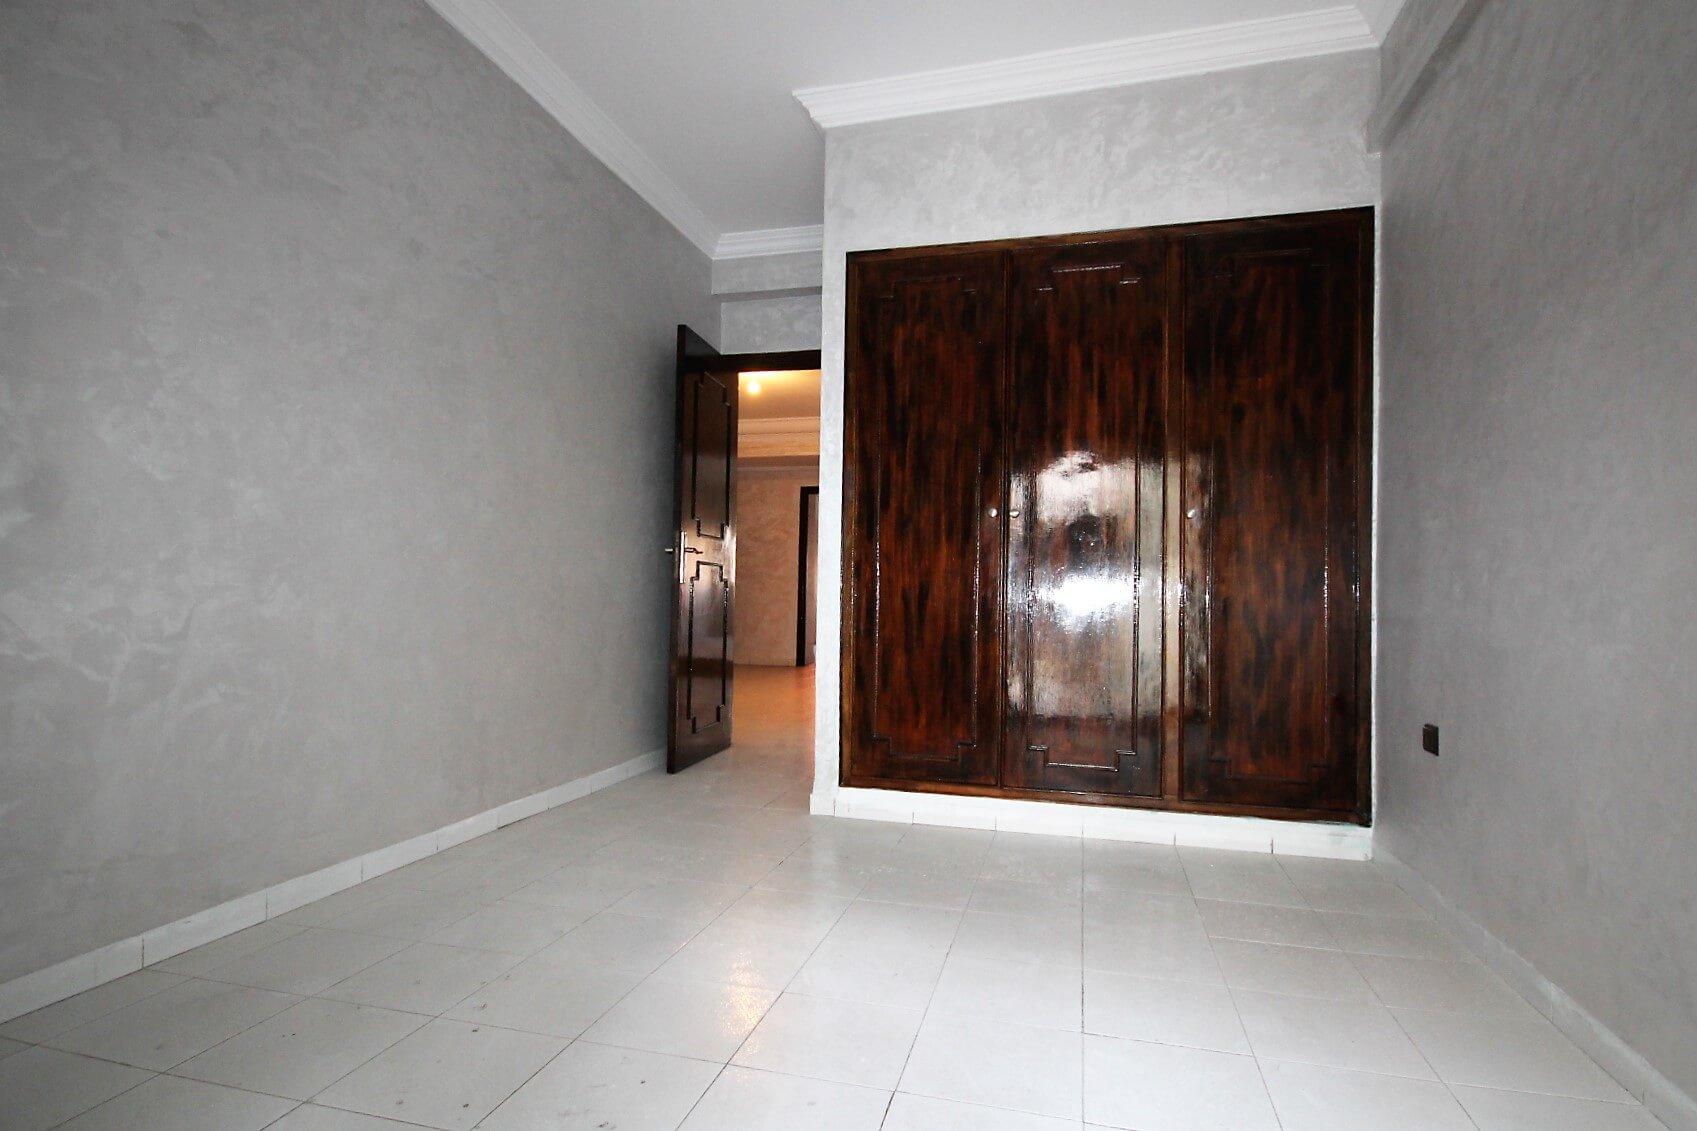 Maroc, Casablanca, Bourgone, à louer agréable appartement 2 chambres avec terrasse